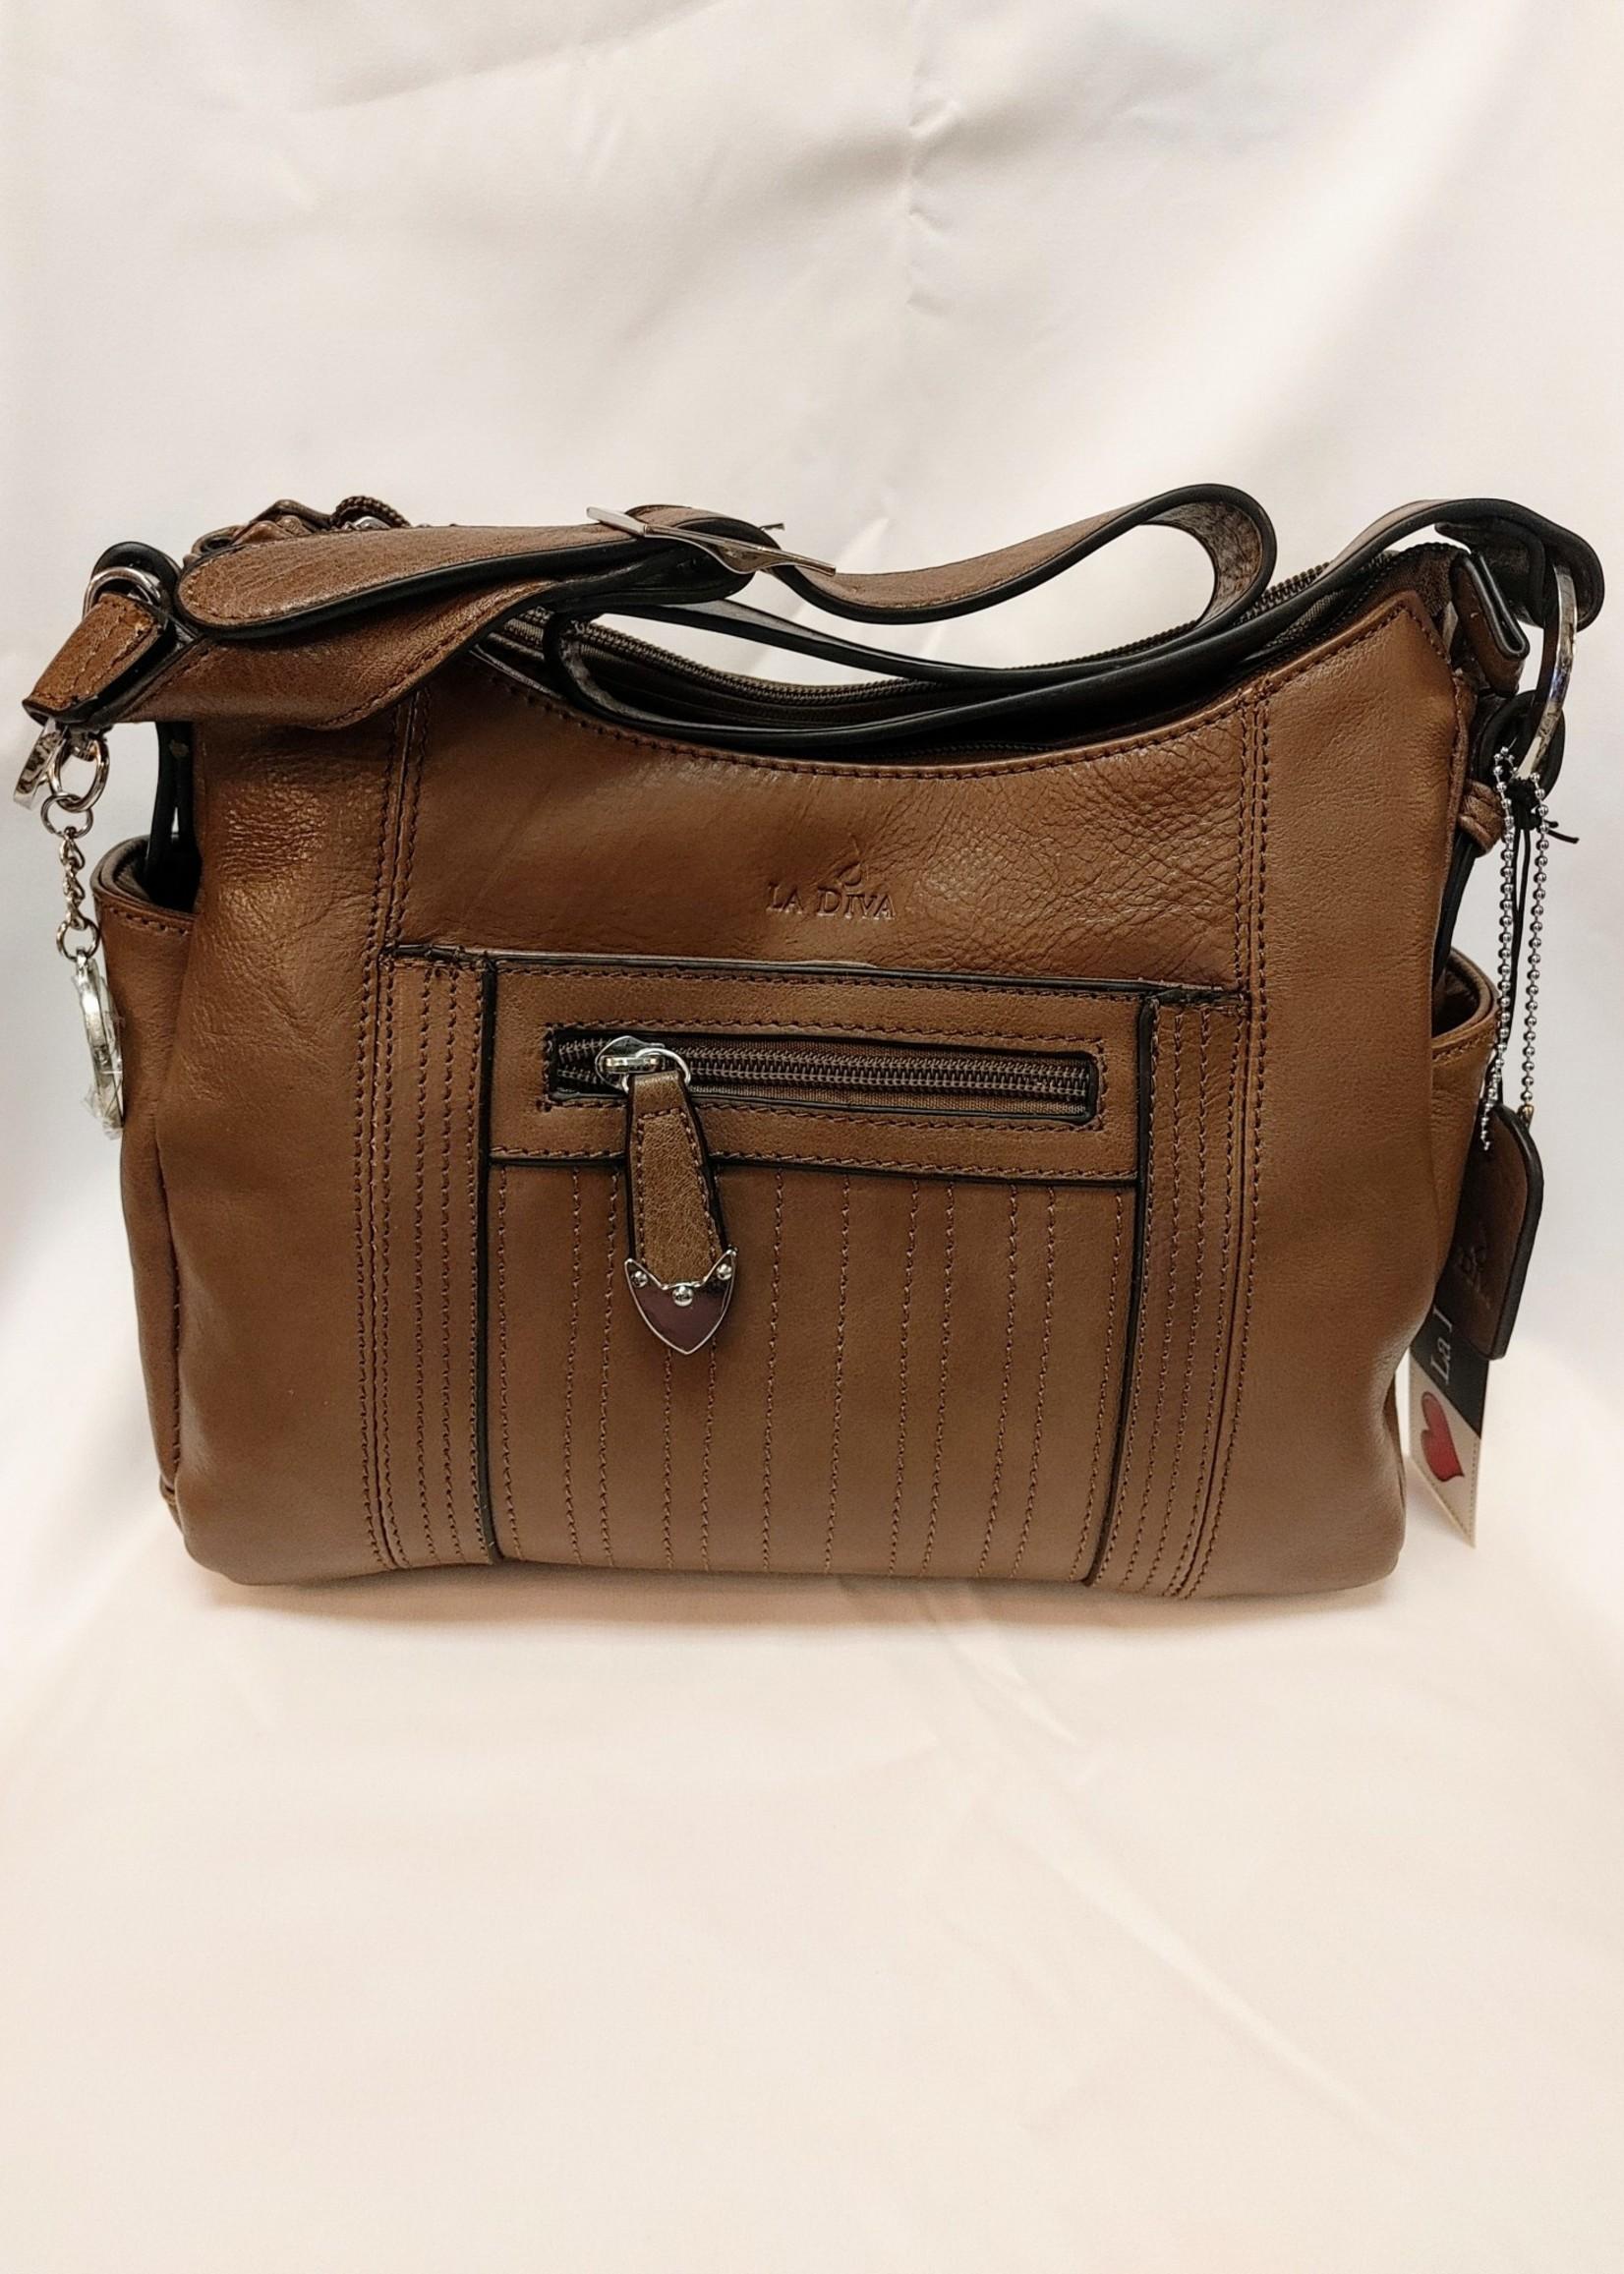 La Diva  leather purse